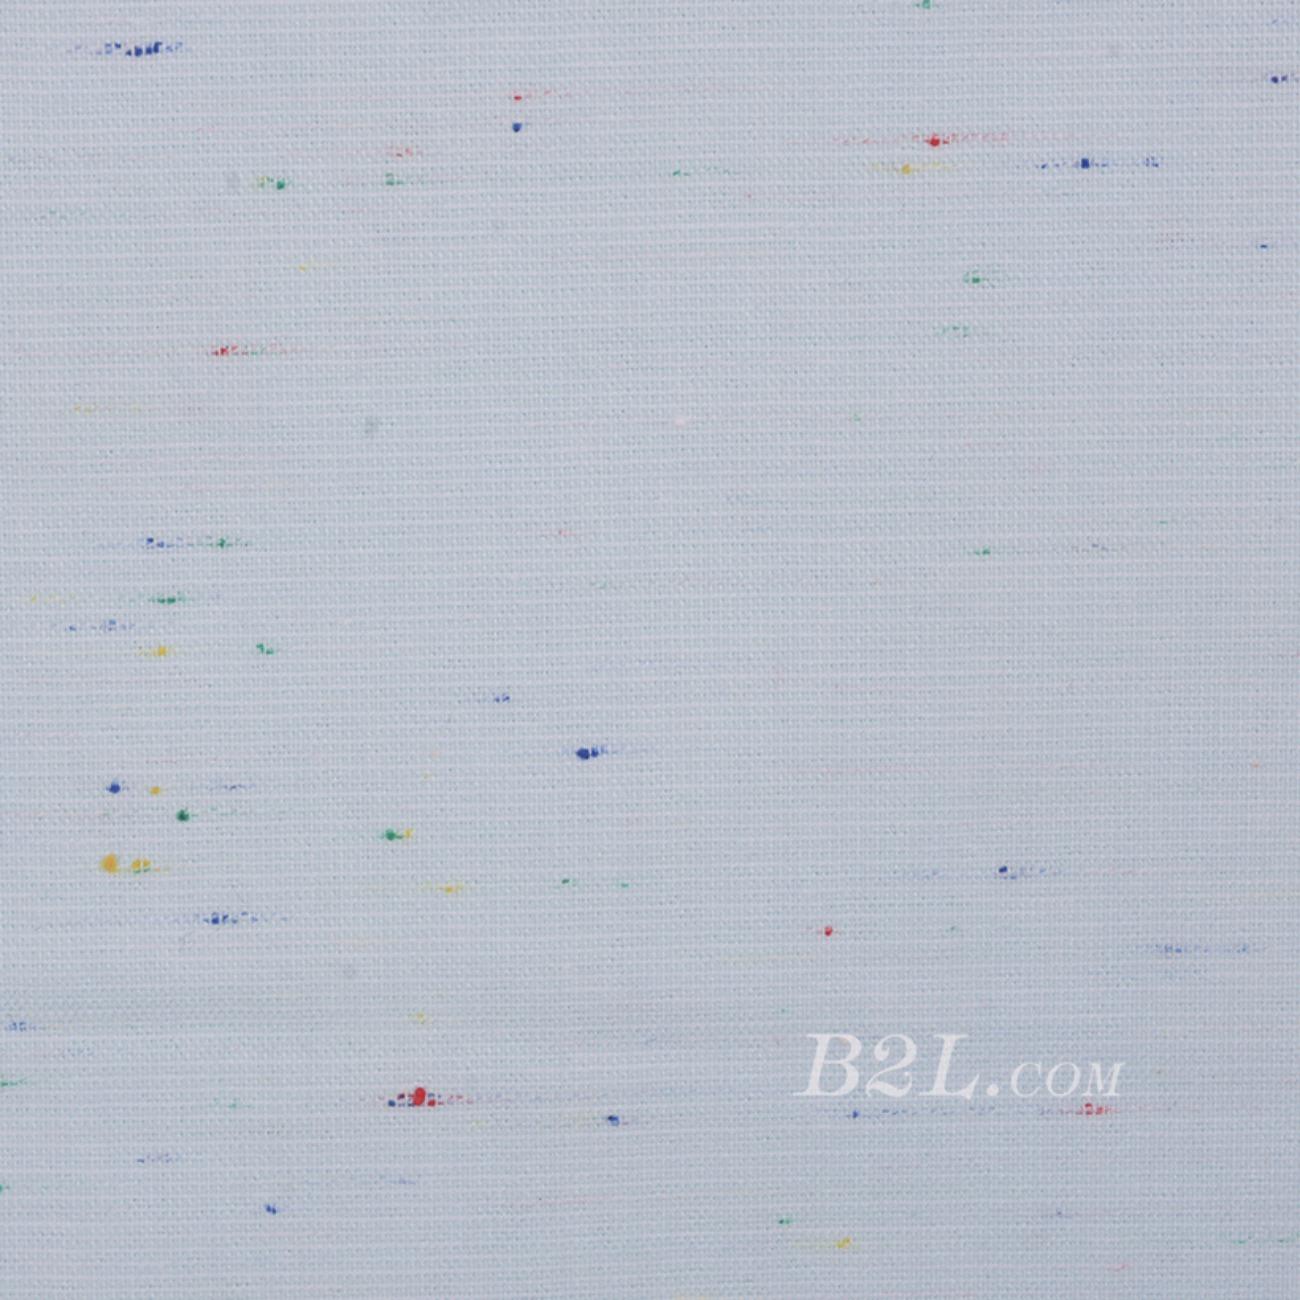 平纹 梭织 色织 低弹 休闲时尚风格 衬衫 连衣裙 短裙 棉感 弹力布 春夏秋 60929-128